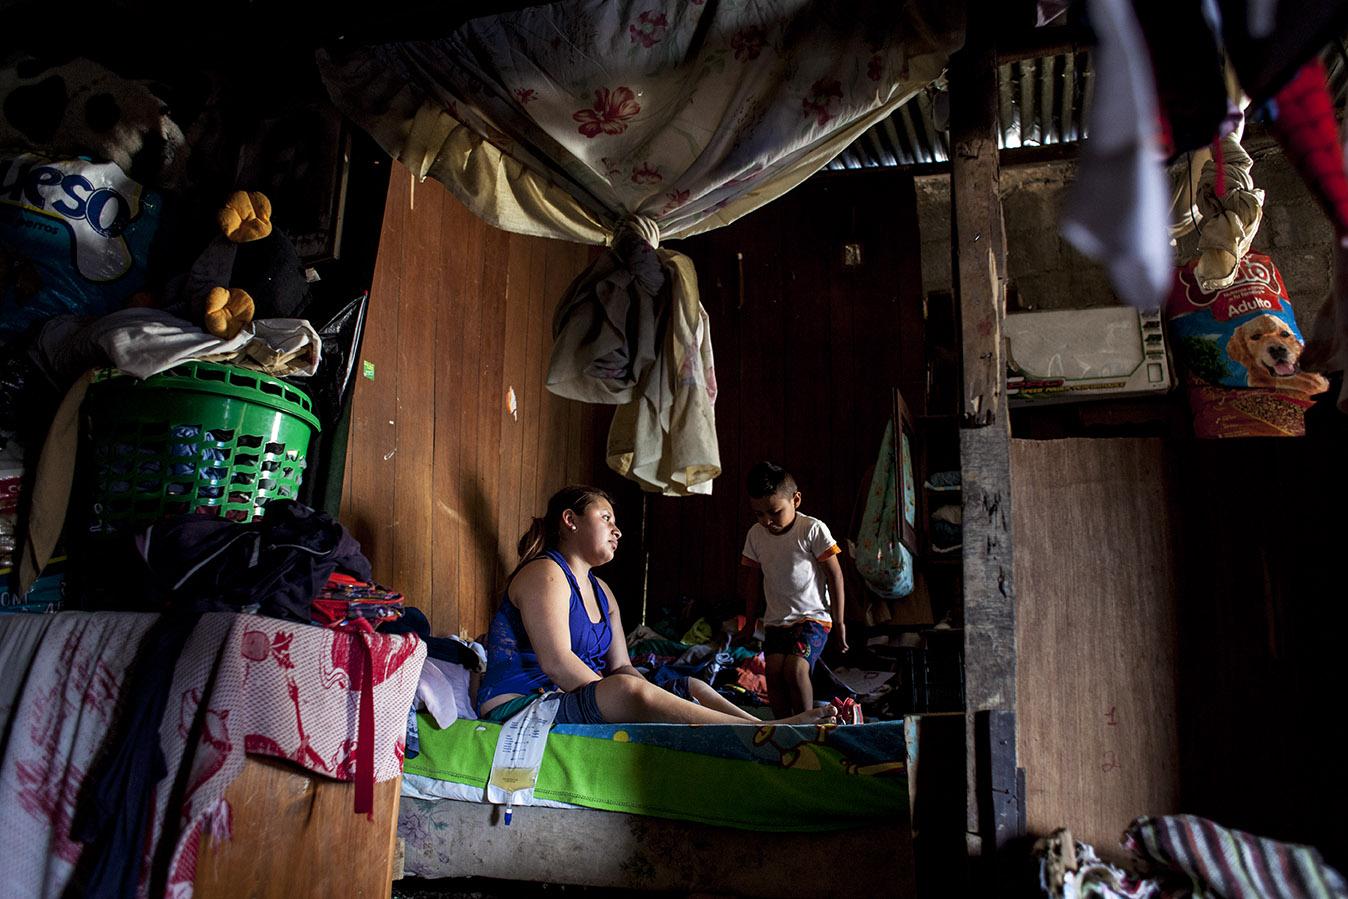 Vivian Flores, 22, mira tele postrada en su cama, mientras su hijo, Kenny, de cinco años, juega brincando a la par suya. Simone Dalmasso